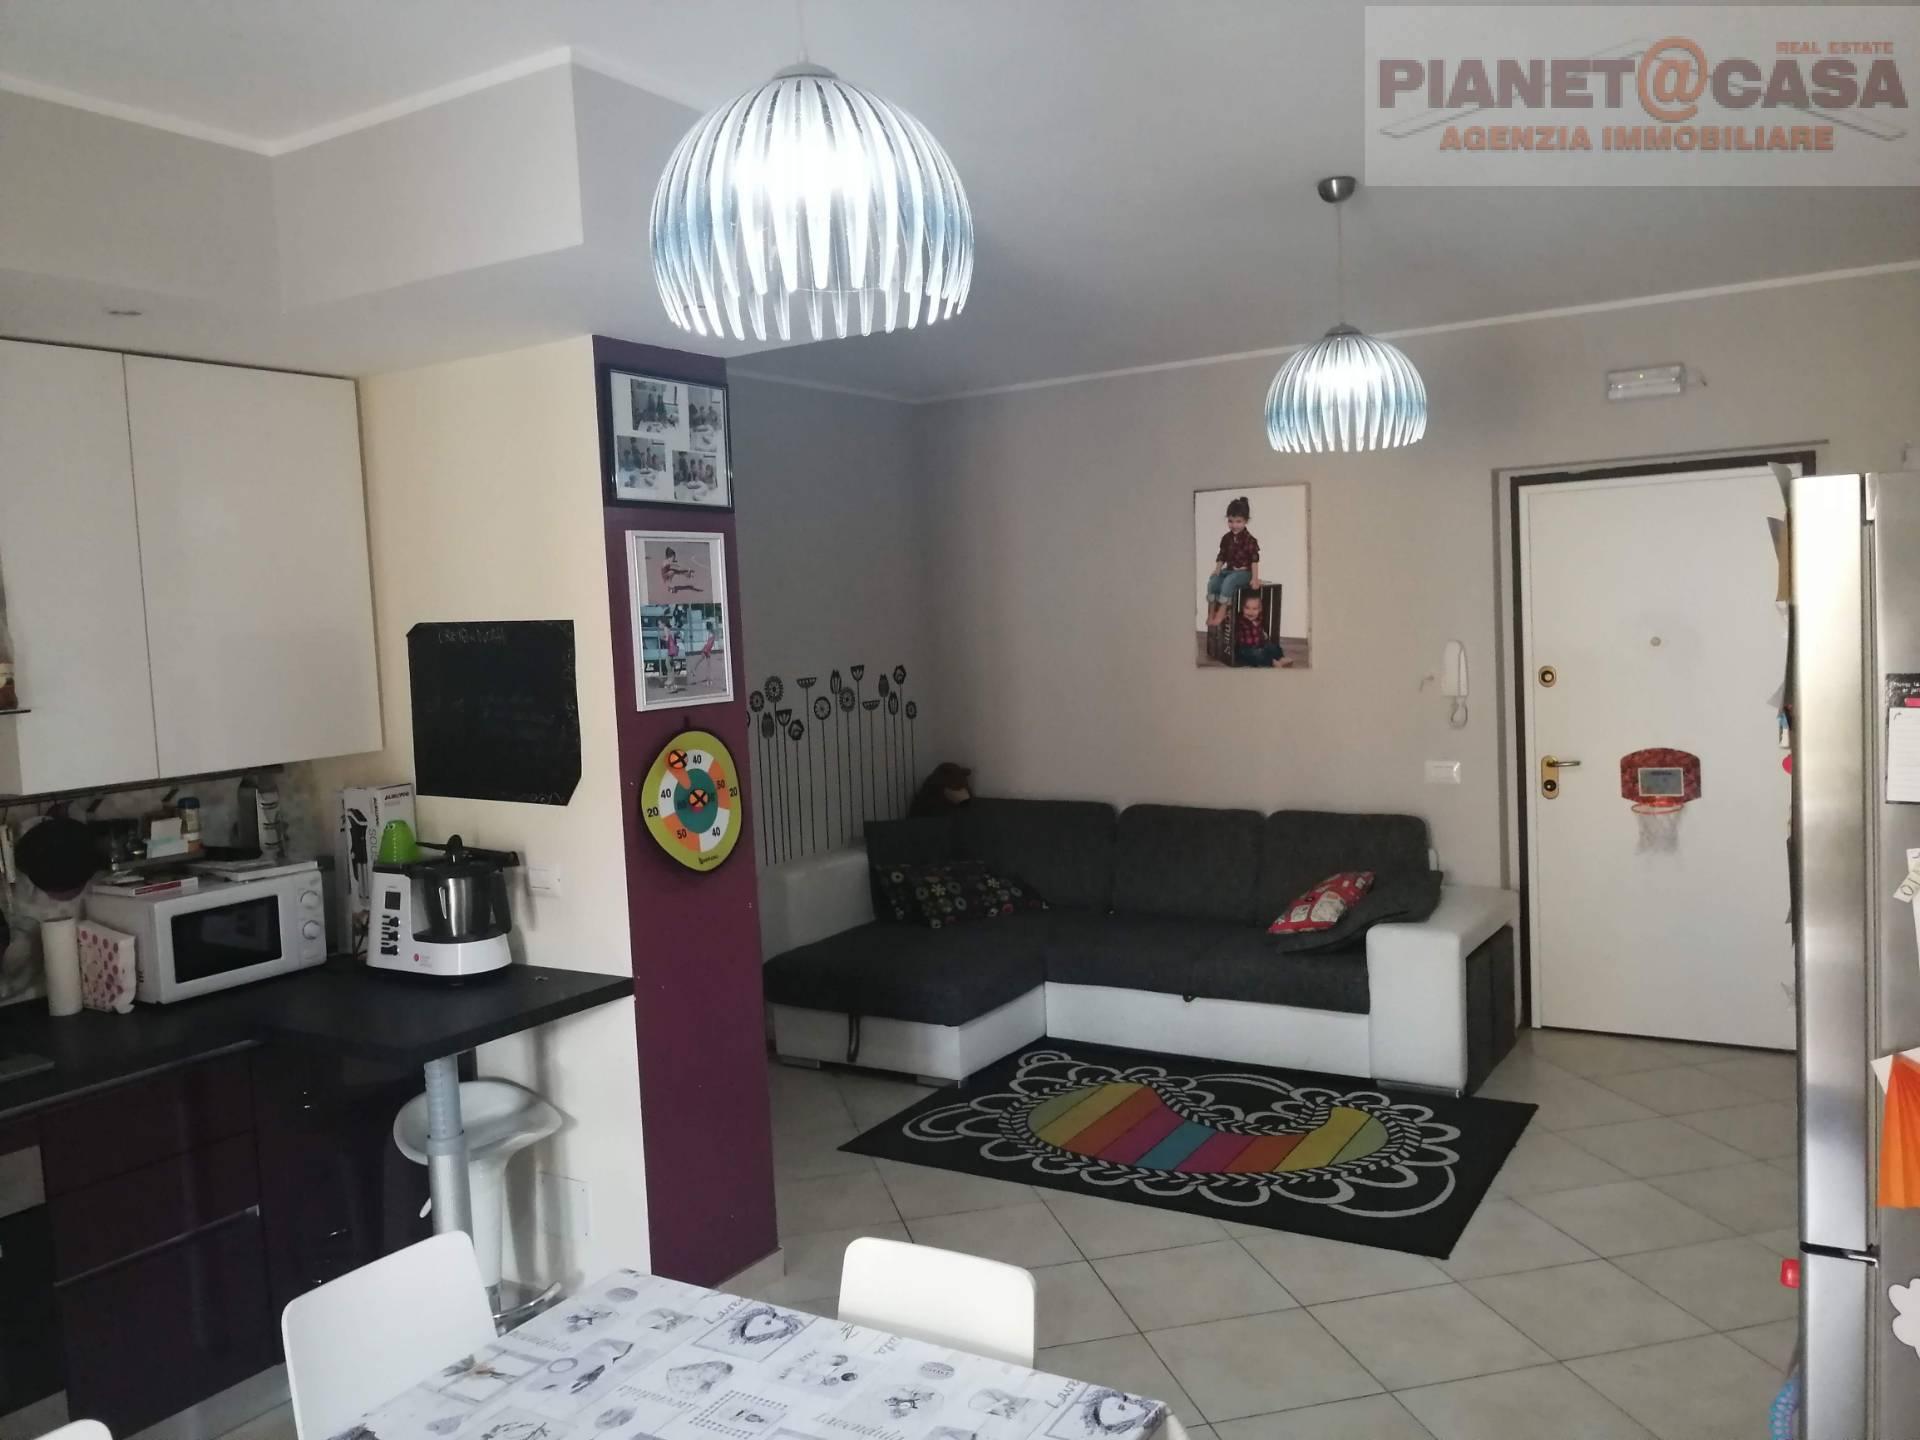 Appartamento in vendita a Castel di Lama, 3 locali, zona Zona: Piattoni, prezzo € 129.000 | CambioCasa.it